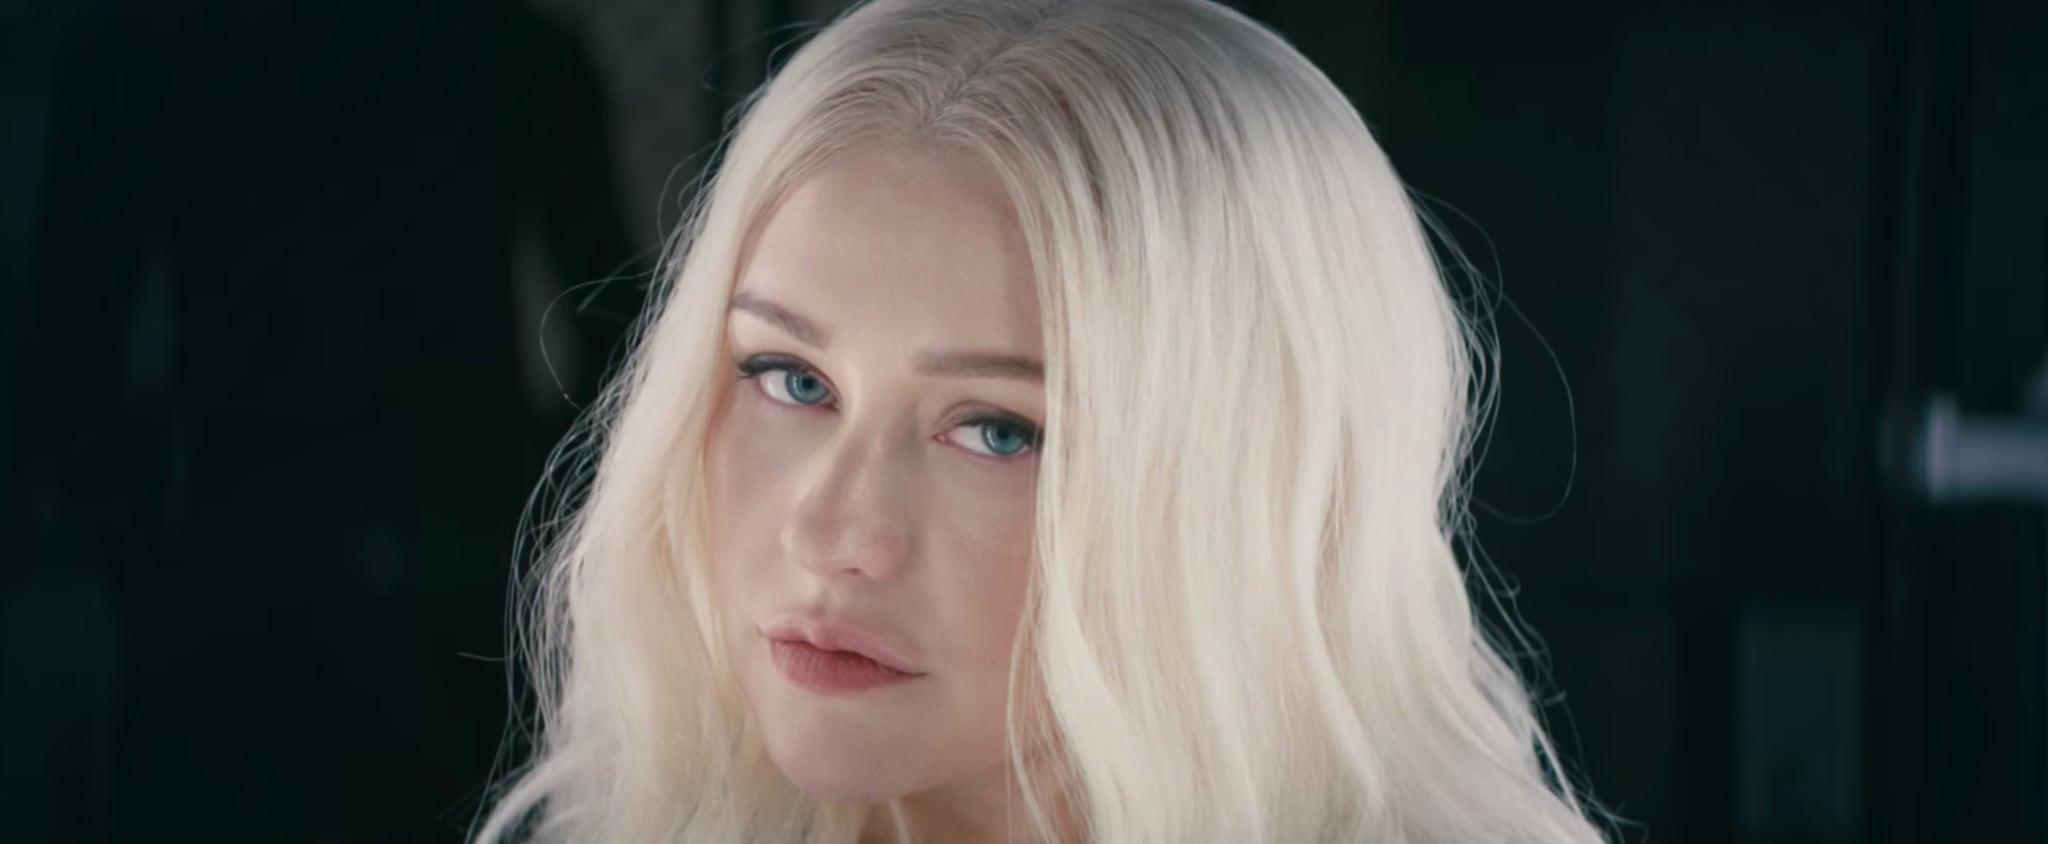 """Christina Aguilera and Demi Lovato's """"Fall in Line"""" Video"""